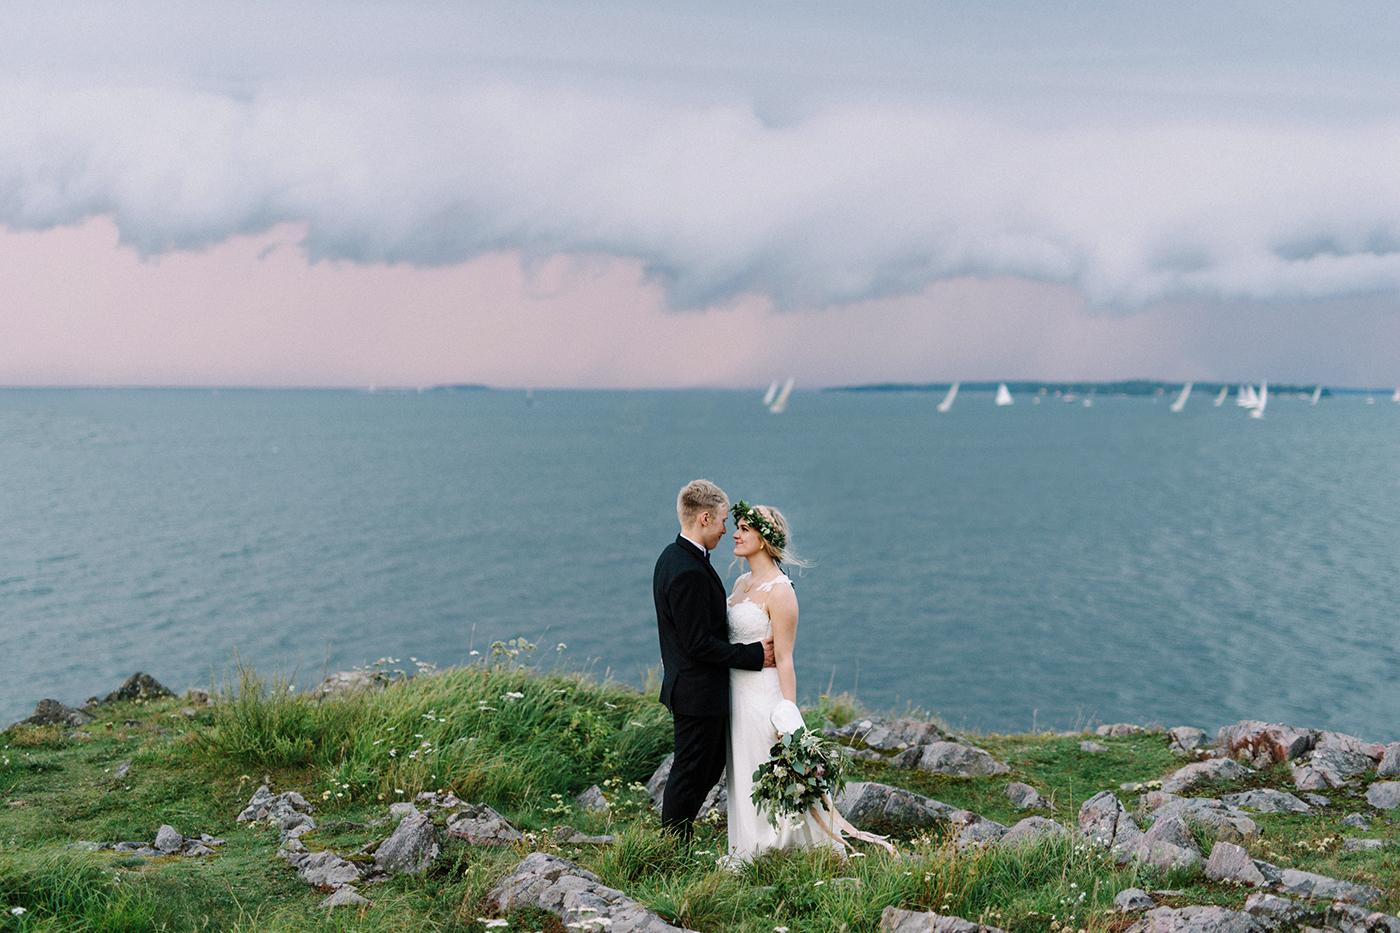 Indie Glam Wedding Tenalji von Fersen Suomenlinna (112).jpg